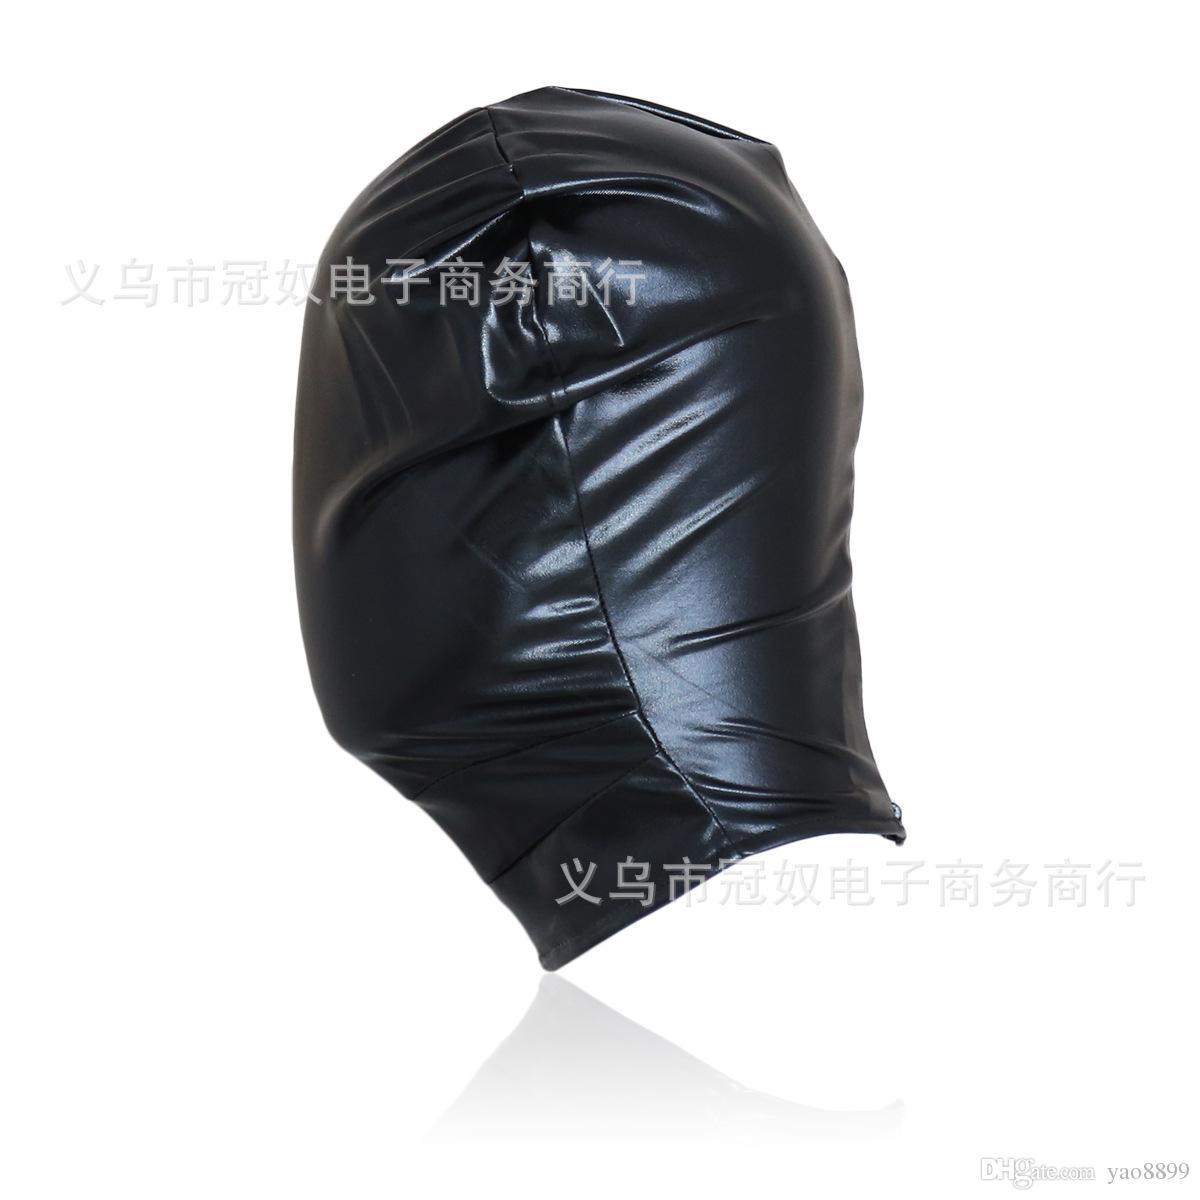 Haute qualité cuir bondage hotte masque complet fétiche visage masque masque sex toys esclave sexuelle jeu pour adultes dispositif de bondage Q885